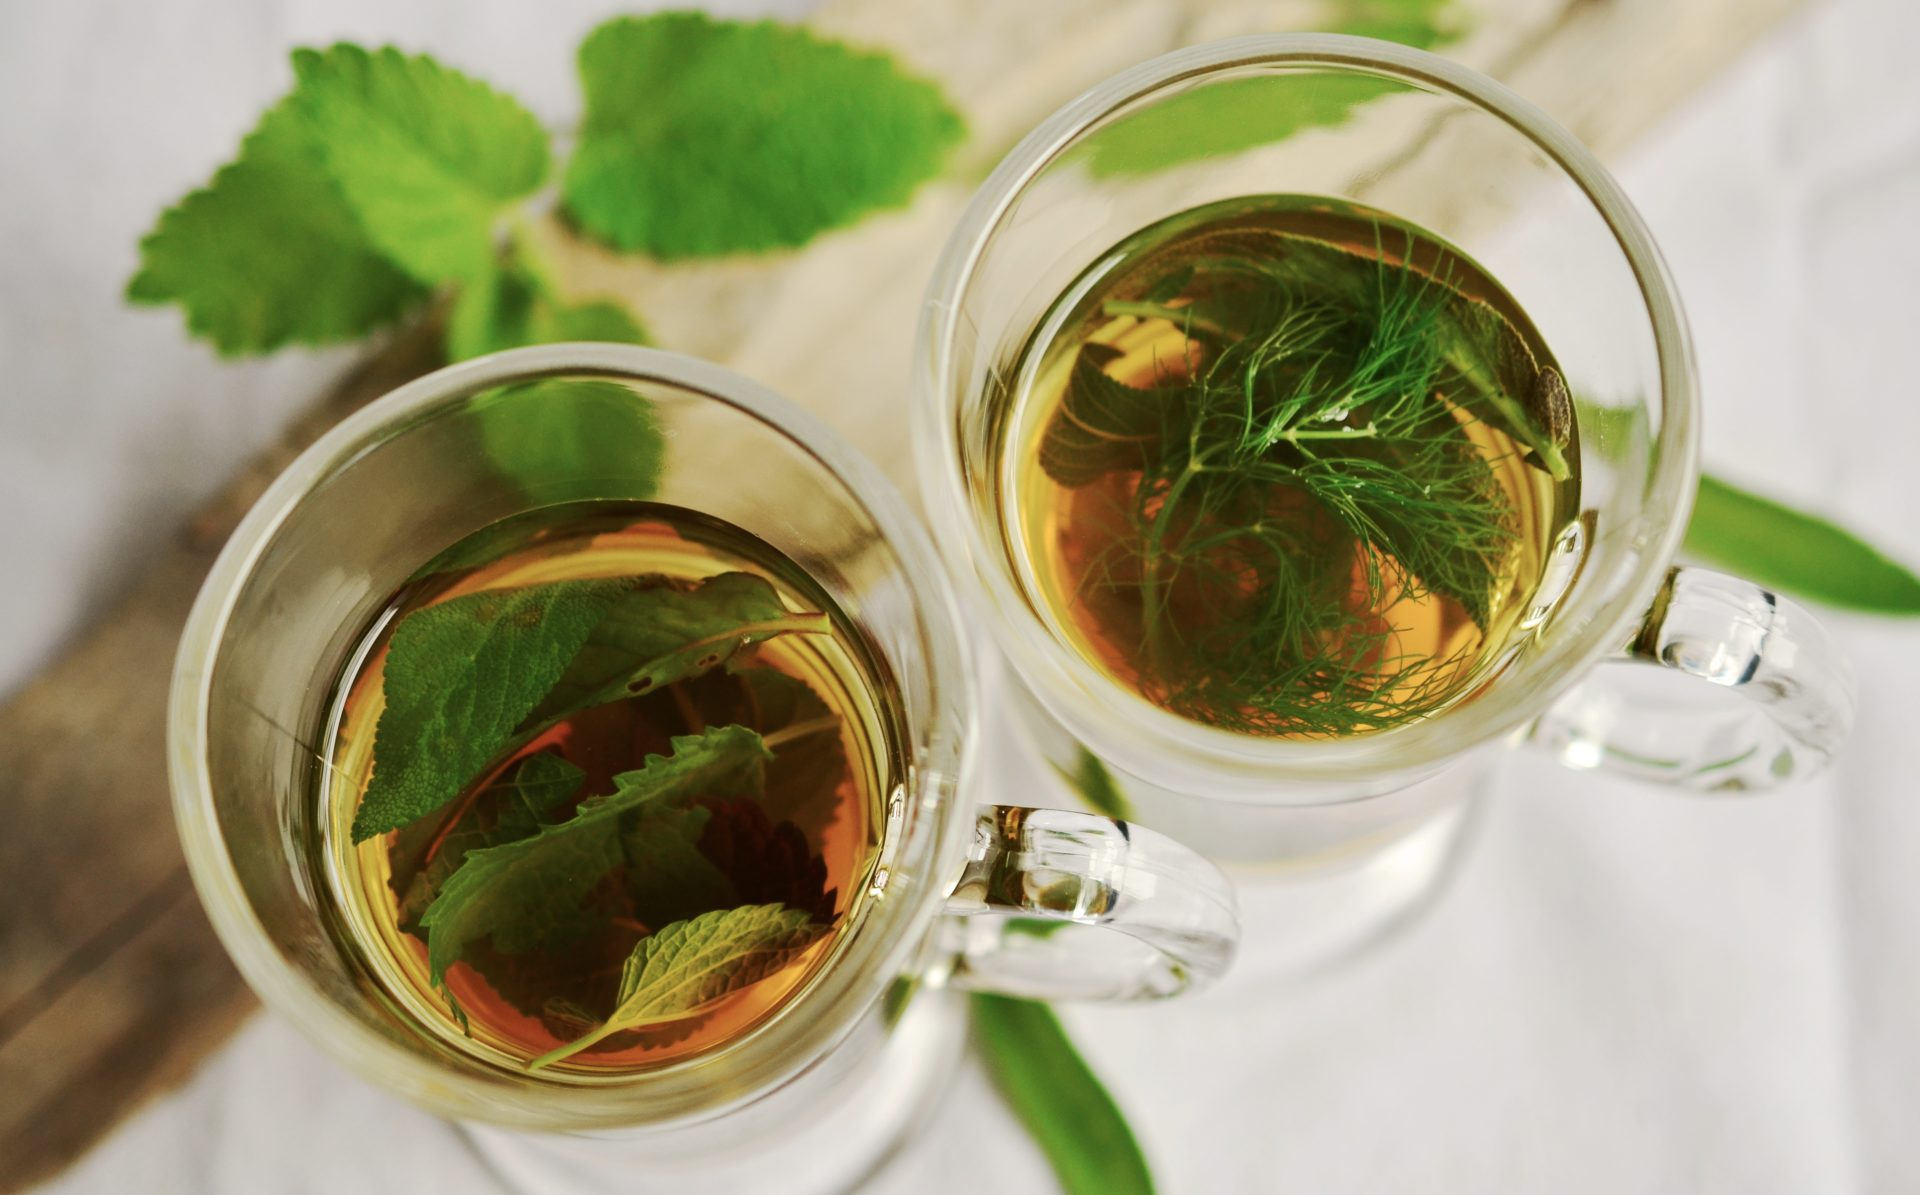 Frischer Minztee - Wie viel frische Minze für eine Tasse Tee?